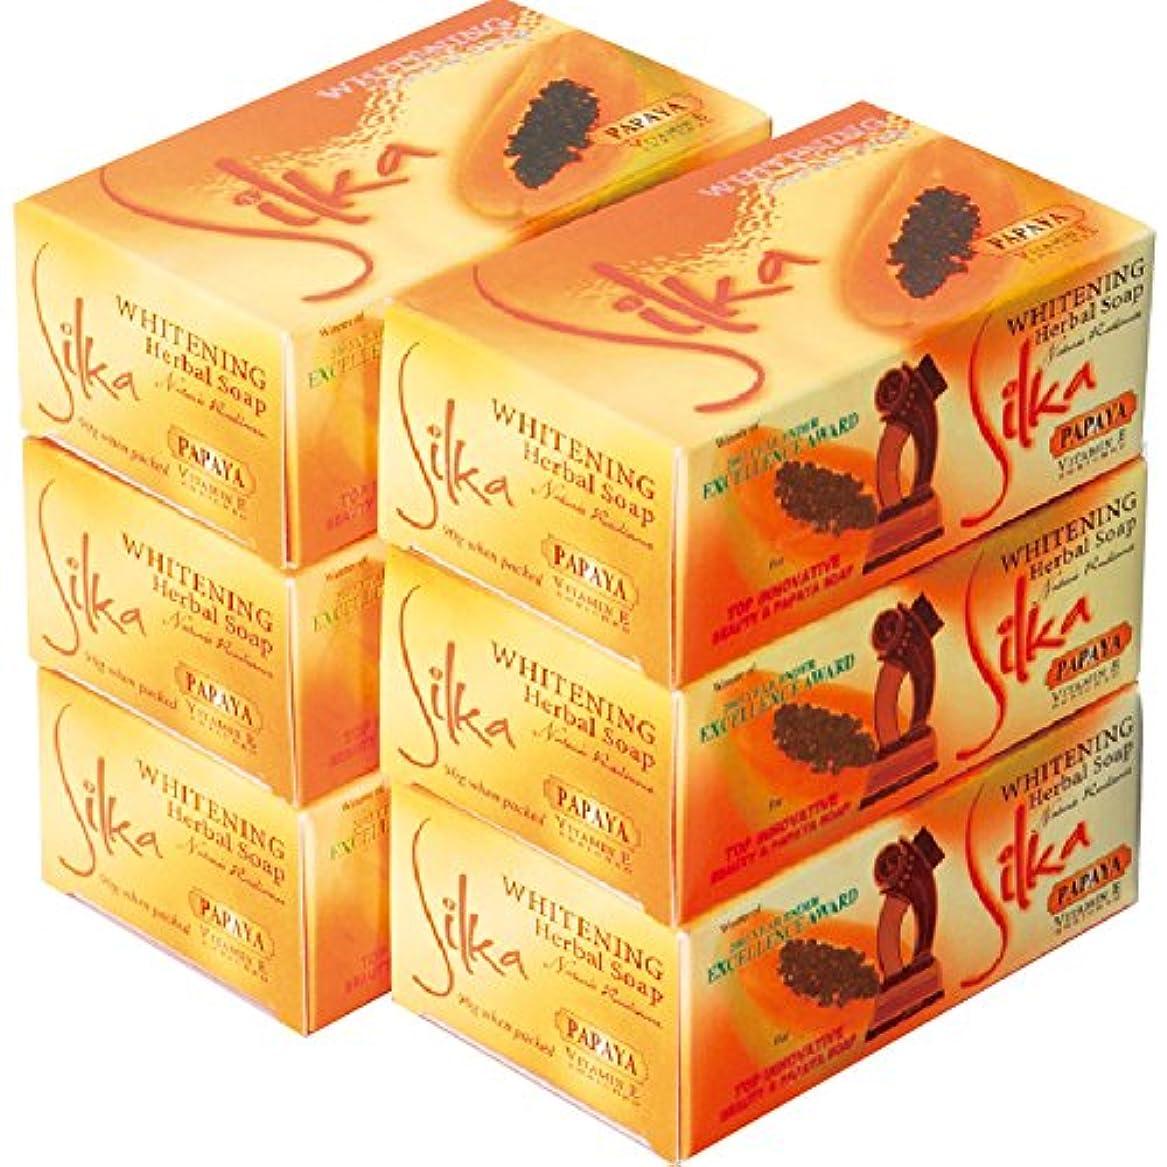 チューインガムアリスマトンフィリピン 土産 シルカ パパイヤ石けん 6コセット (海外旅行 フィリピン お土産)